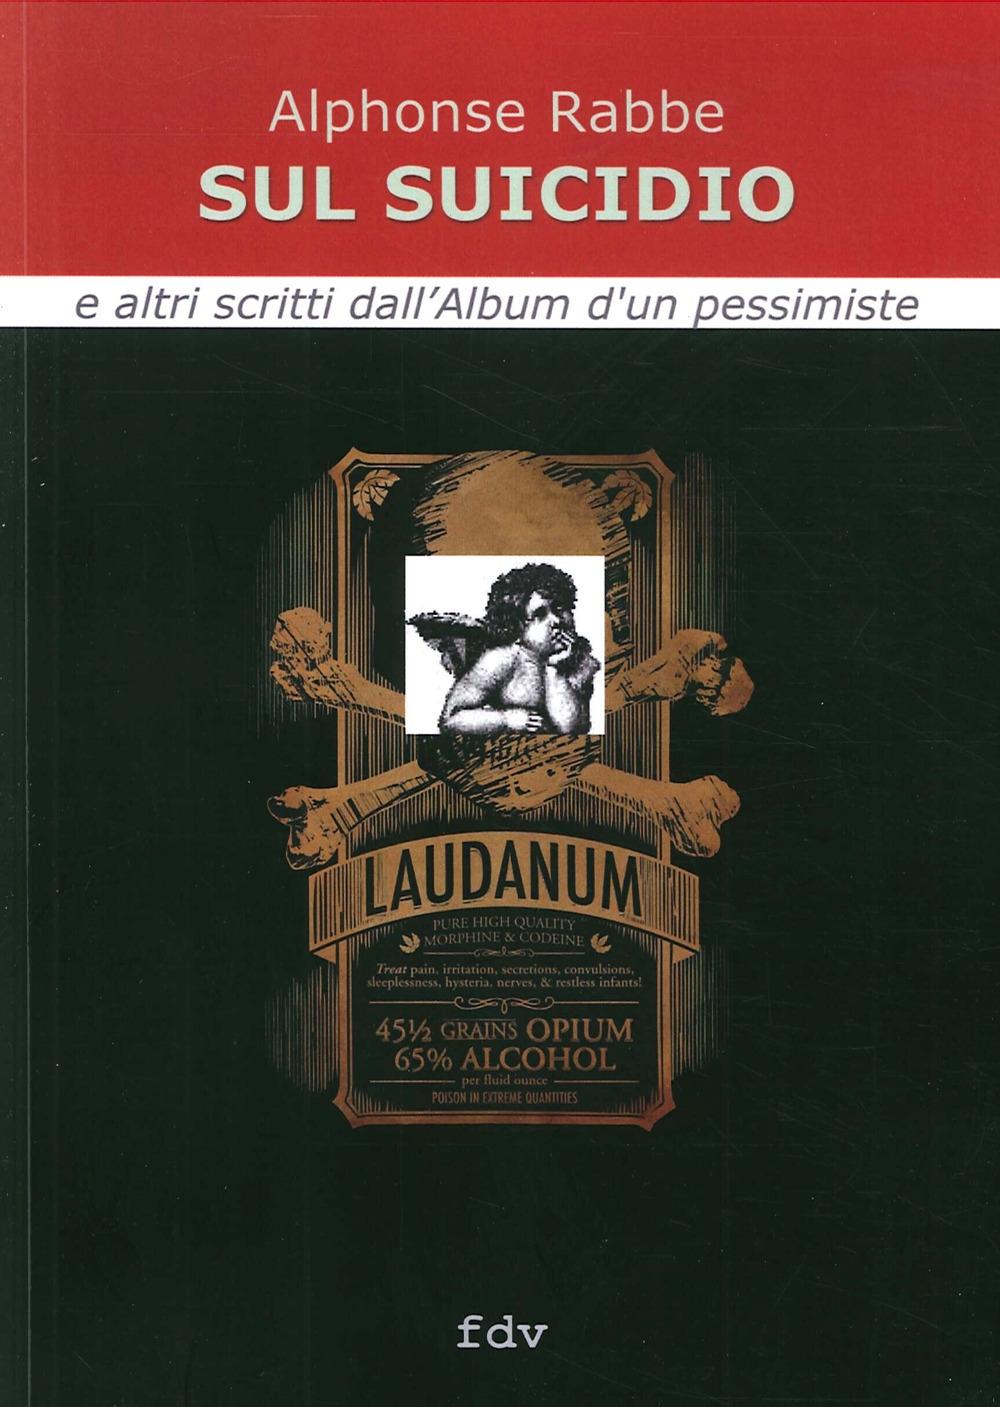 Sul suicidio e altri scritti dall'album d'un pessimiste.